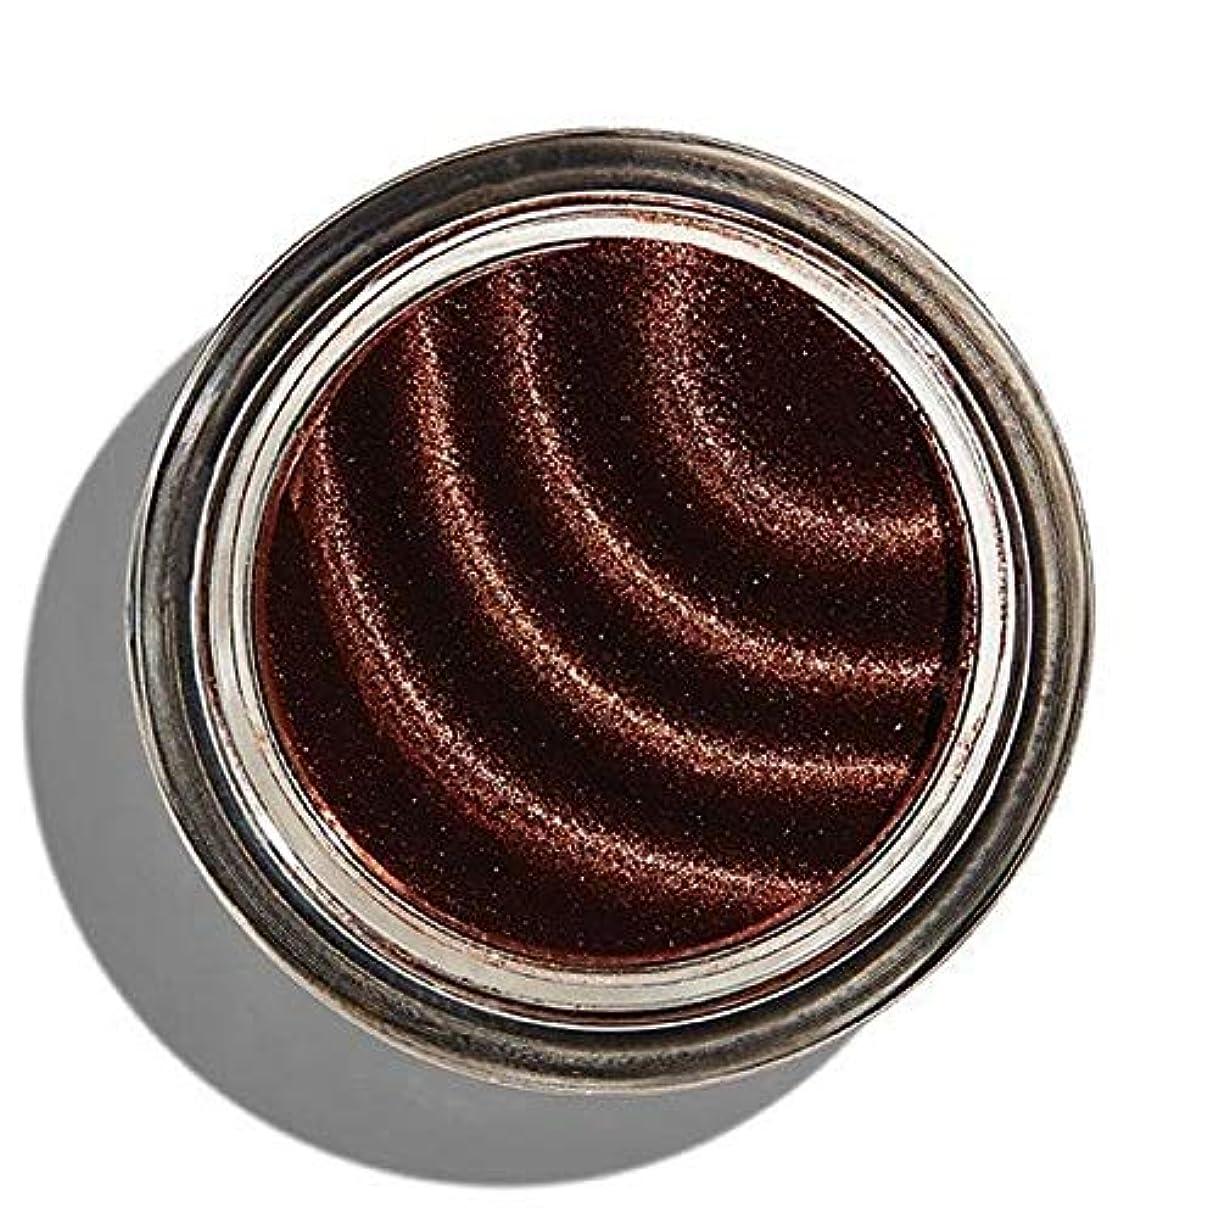 潮成功理想的[Revolution ] 化粧革命磁化のアイシャドウの銅 - Makeup Revolution Magnetize Eyeshadow Copper [並行輸入品]